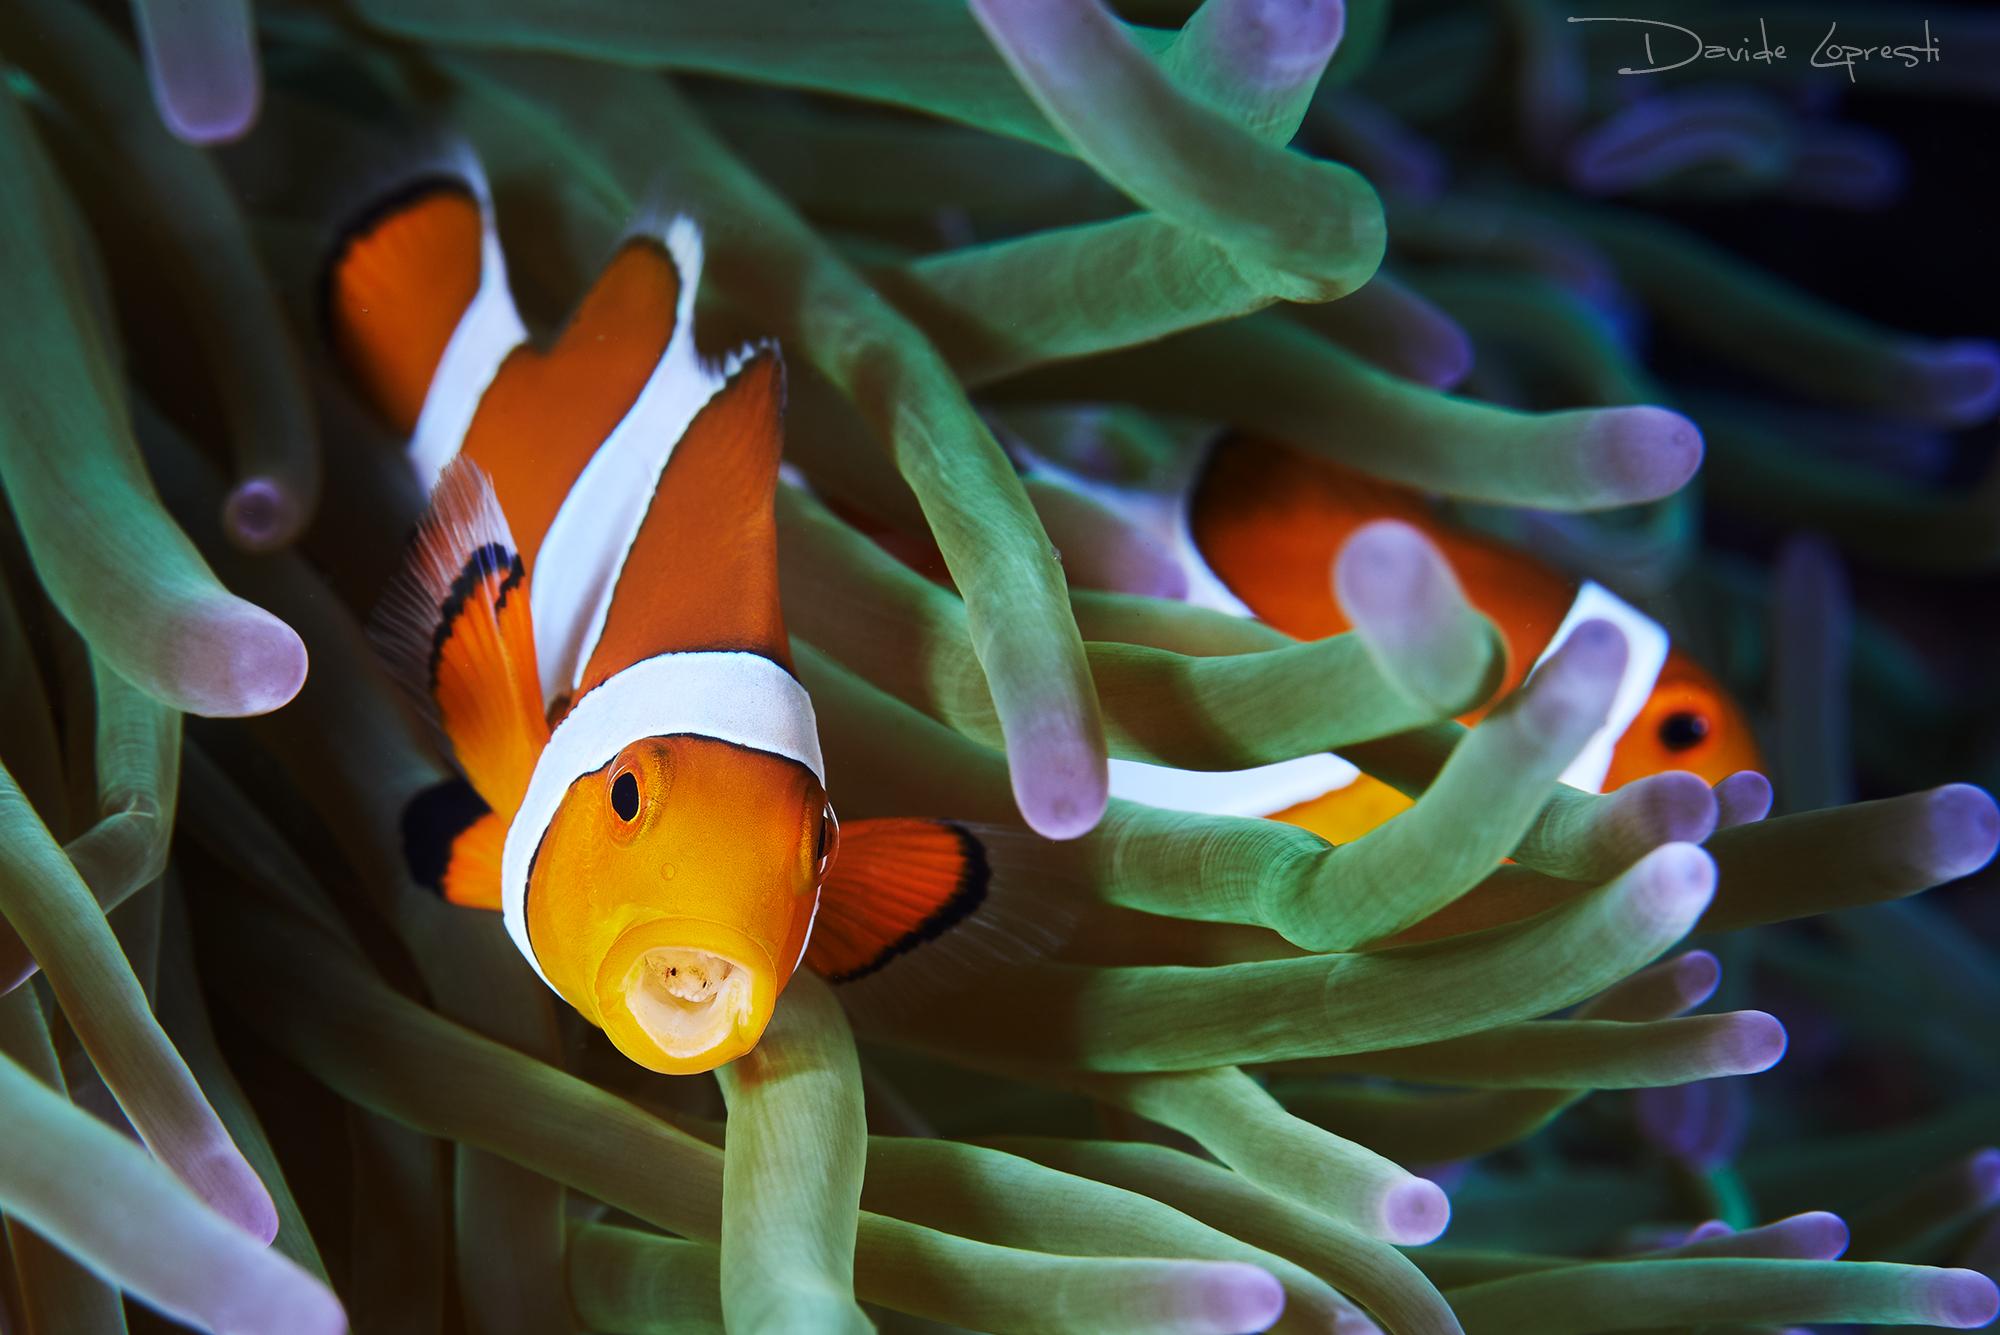 рыба клоун фото картинки проповедую, что хорошая